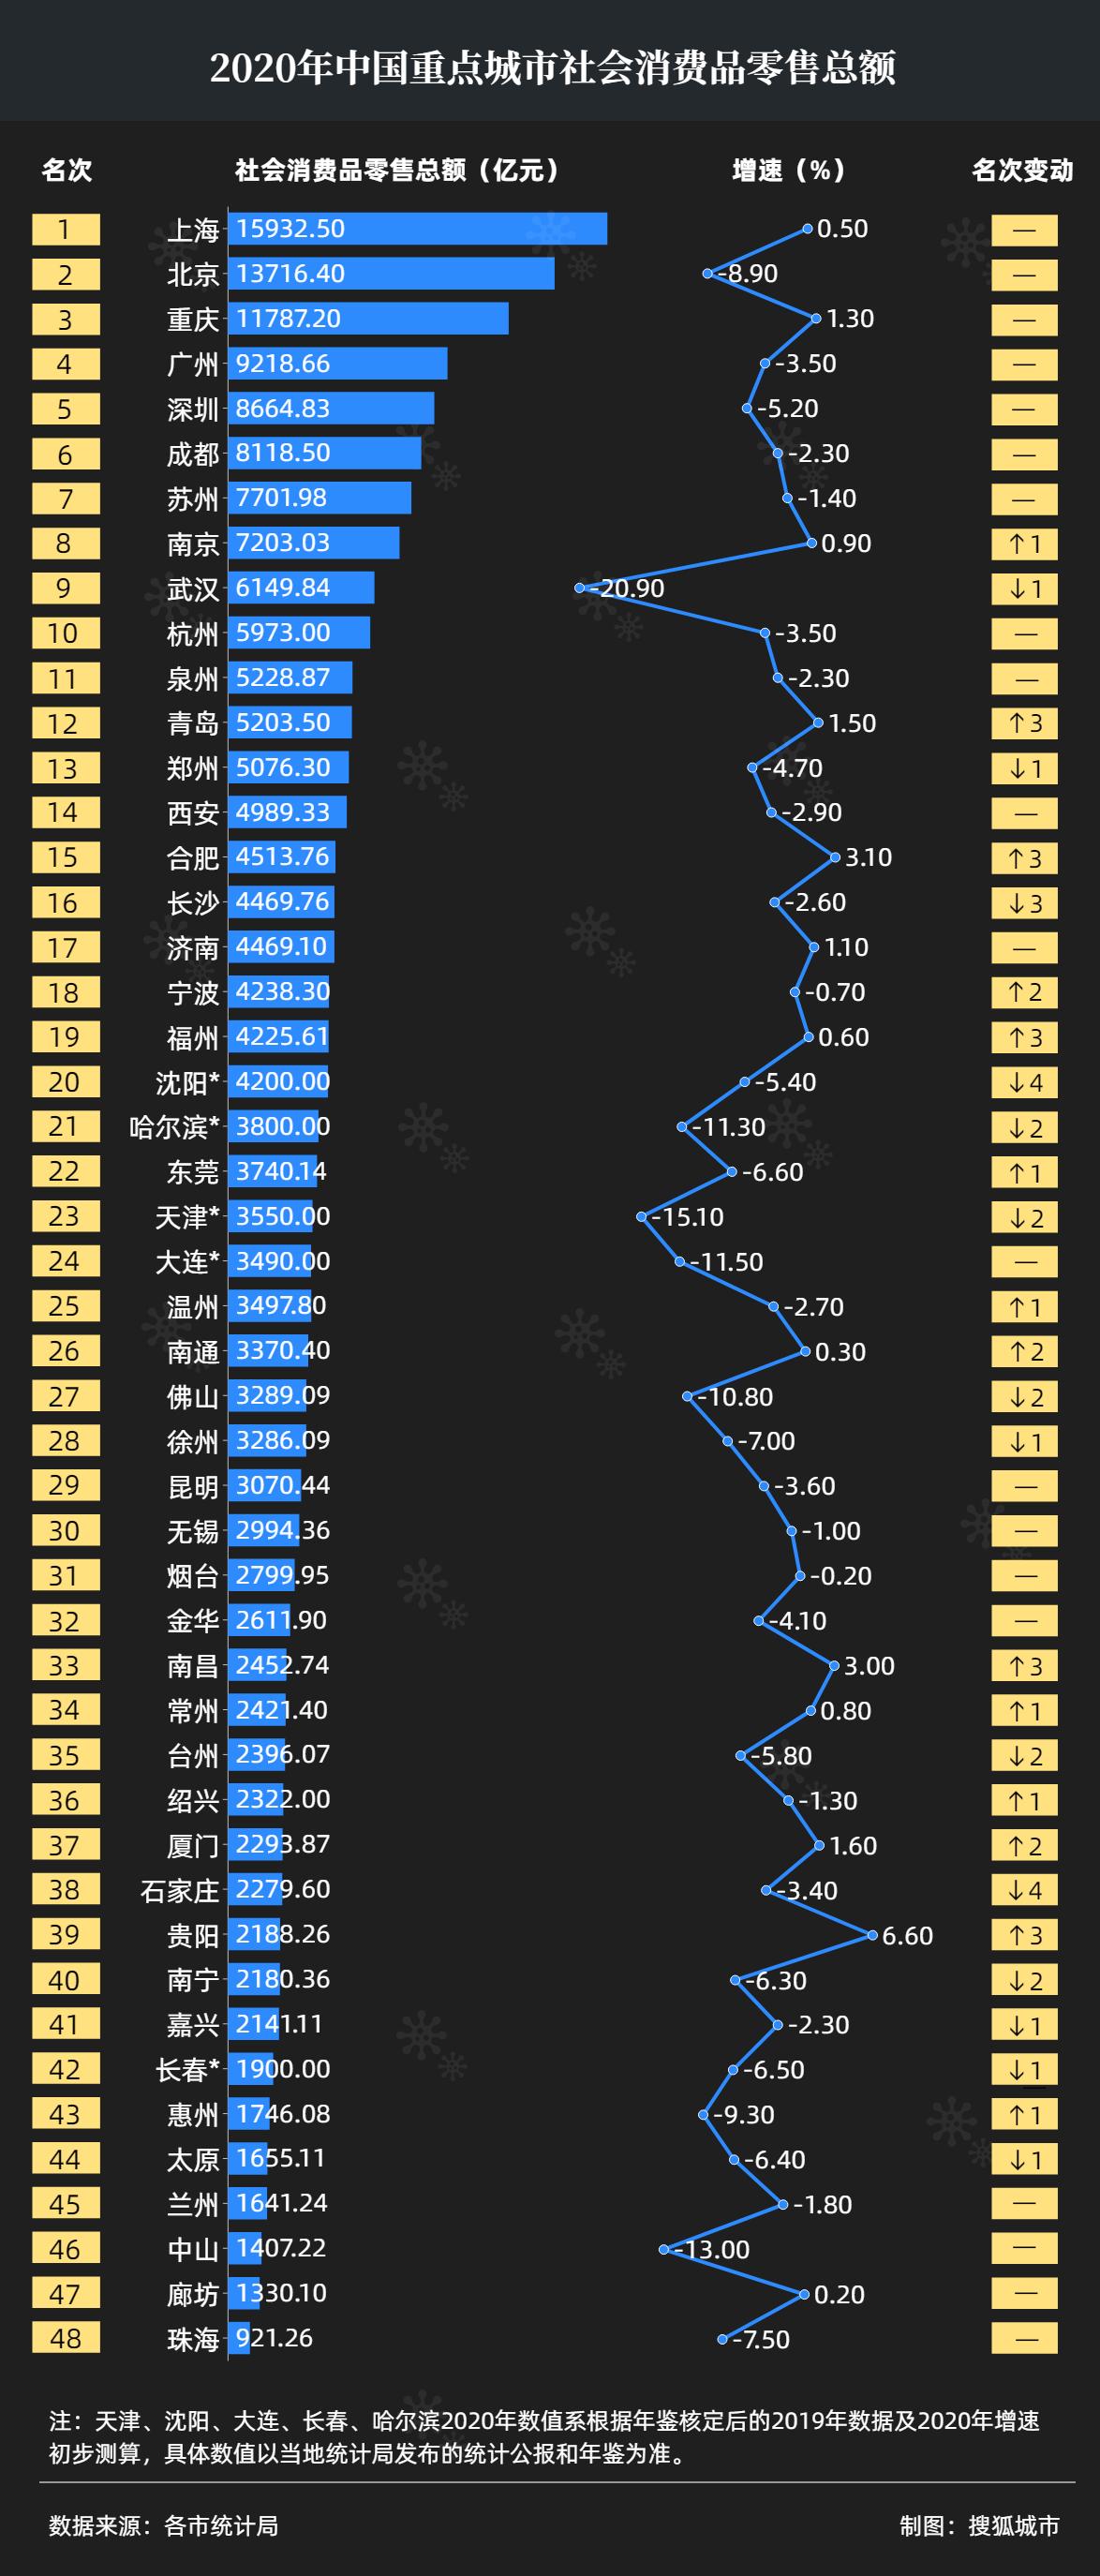 """2020重点城市消费图谱:沪京渝总额破万亿_青岛成""""北方之光"""""""